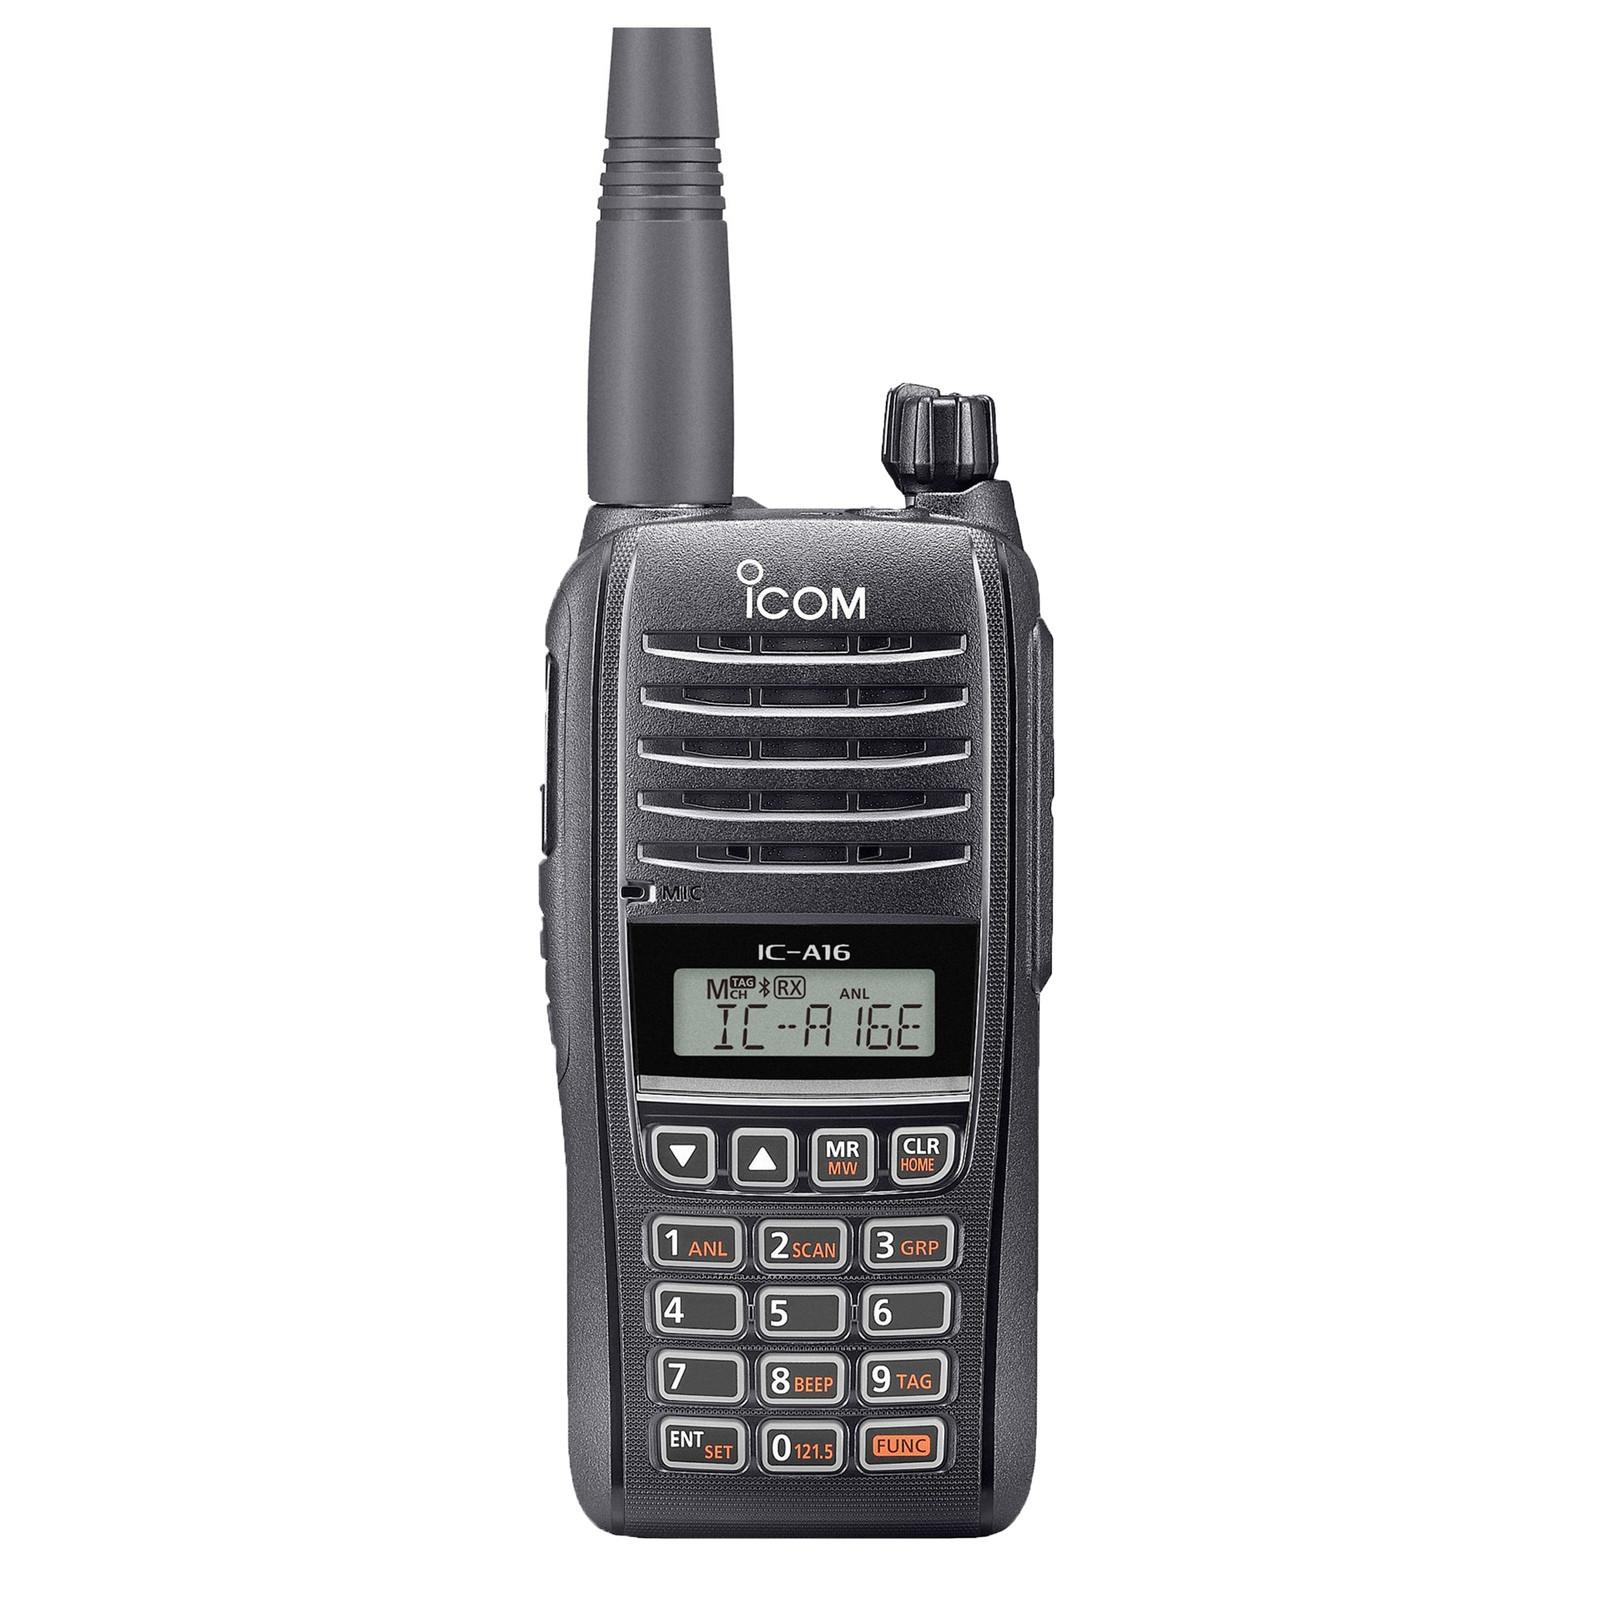 цена на Авиационная портативная рация ICOM IC-A16 E